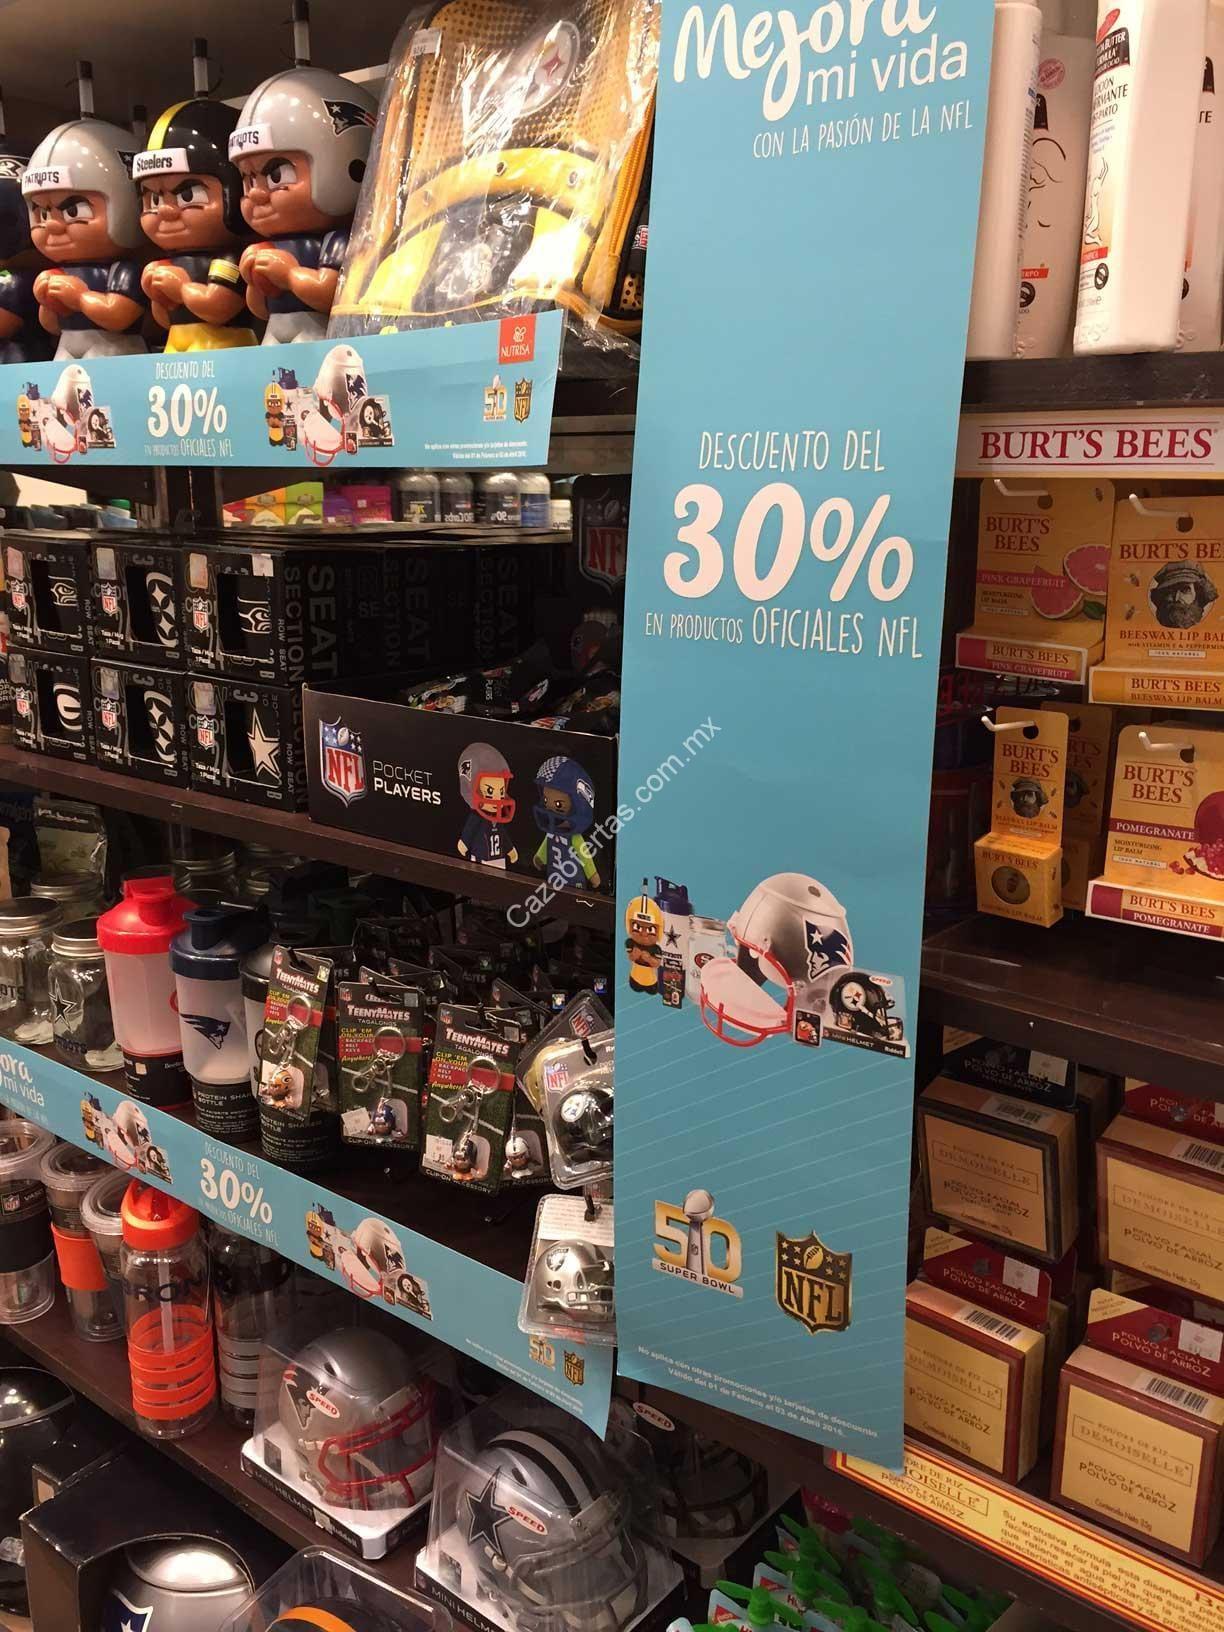 En Nutrisa 30% de descuento en productos oficiales de la NFL 0e1c2ec1c7b